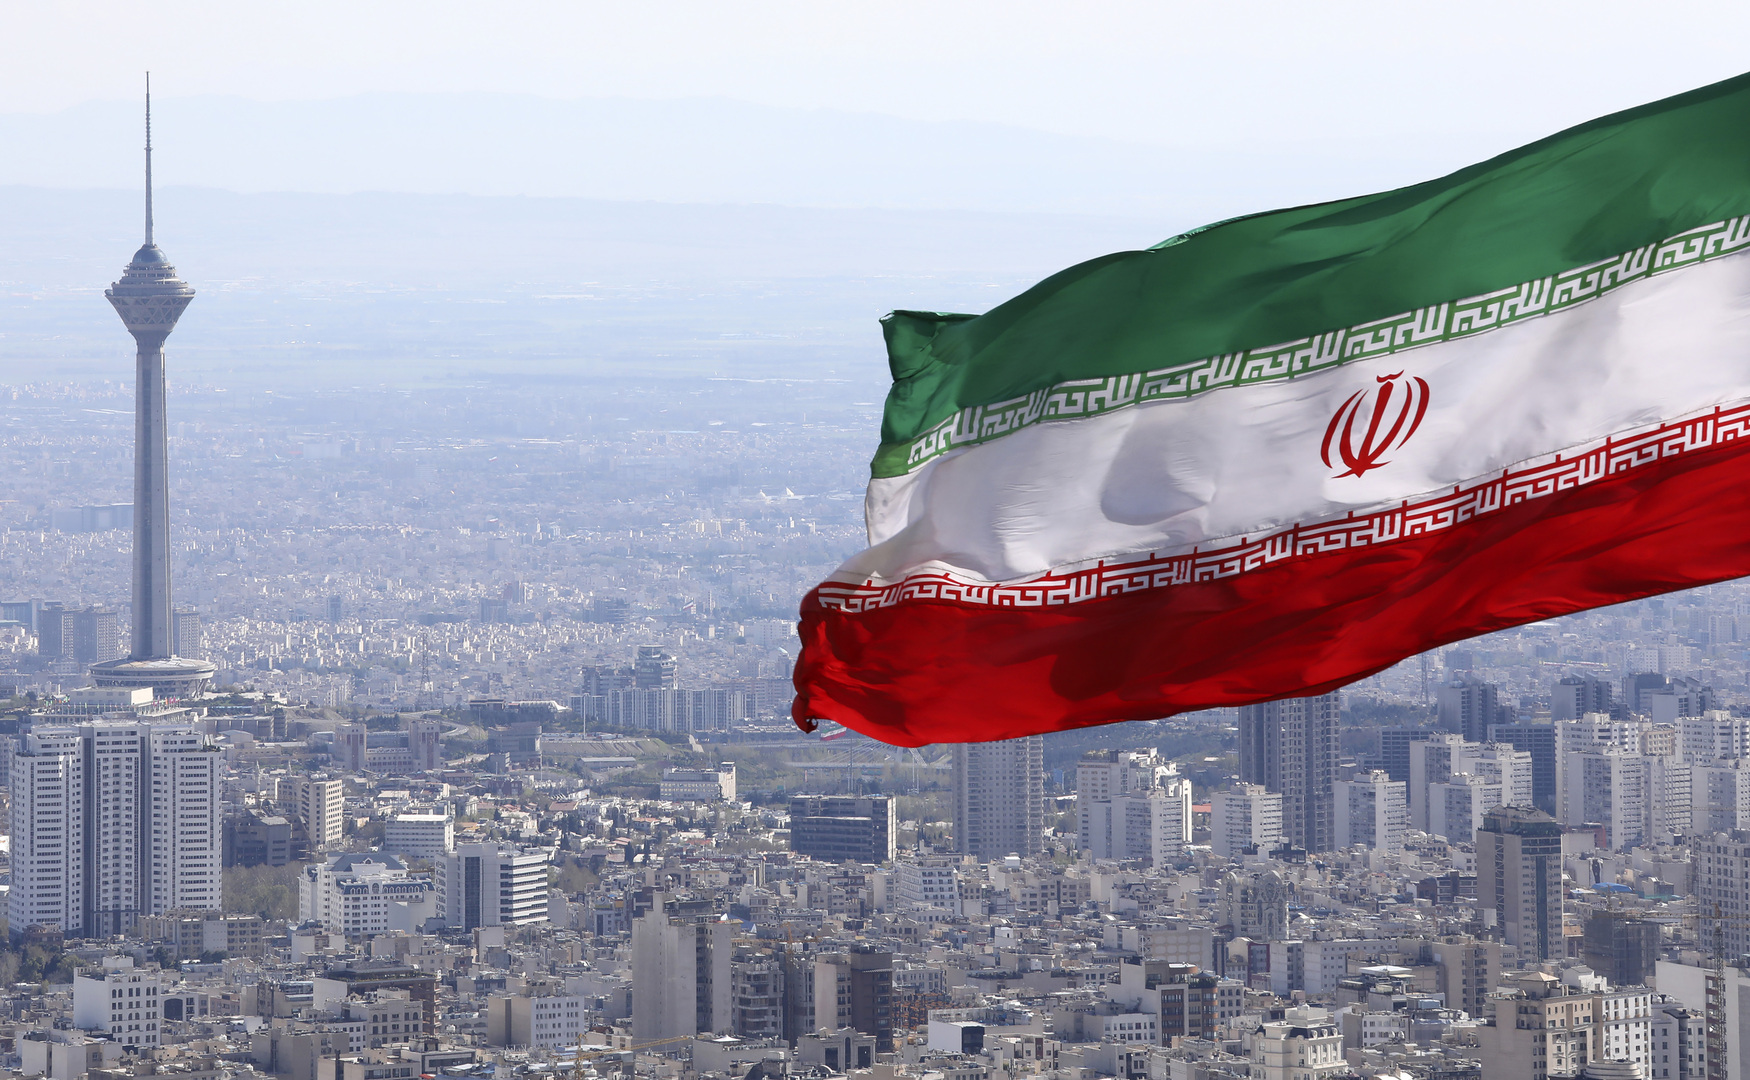 المفوض الأوروبي المكلف بنووي إيران يتوجه إلى طهران